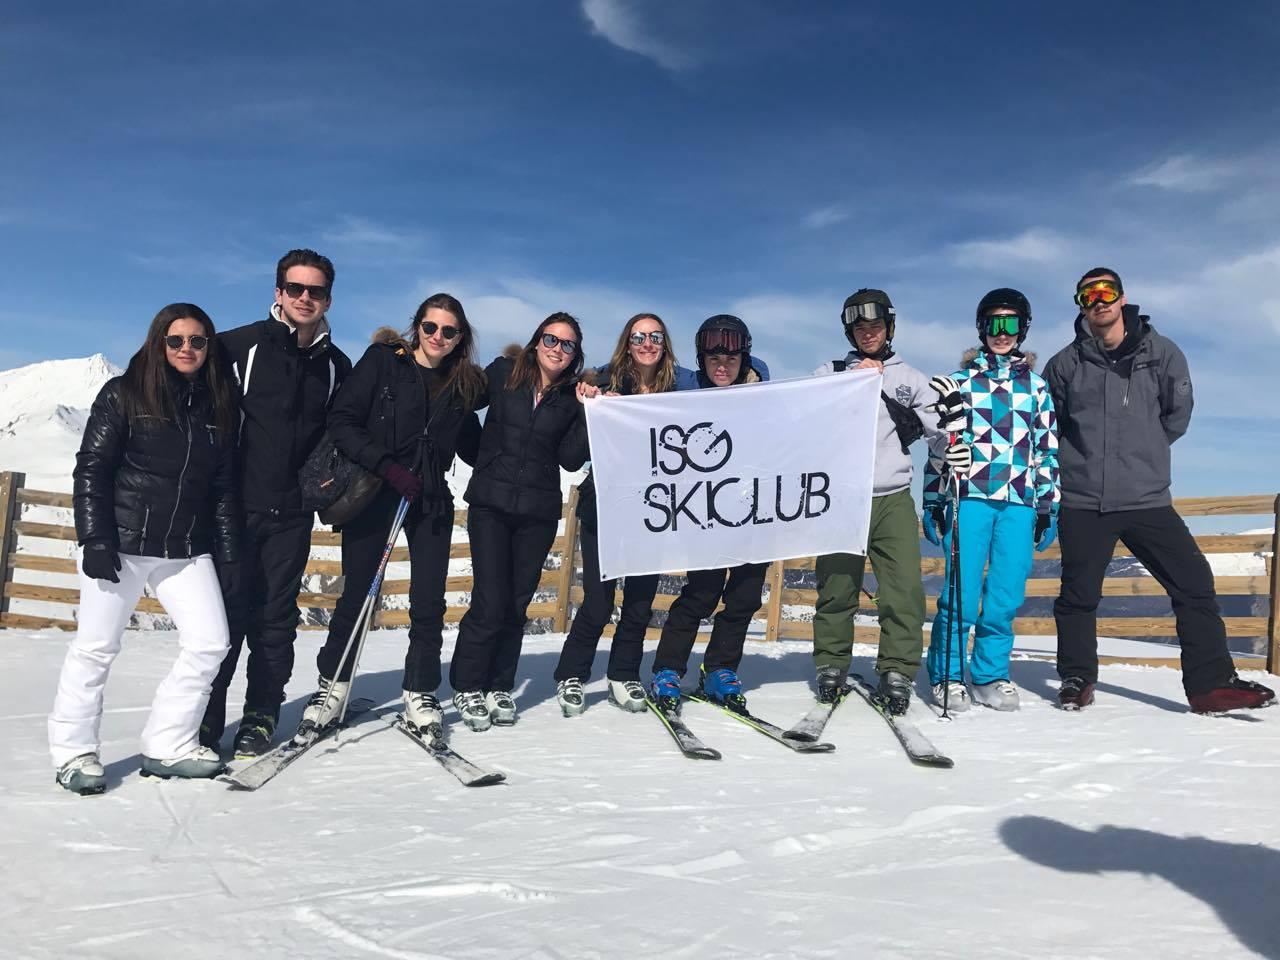 isg ski (1).jpg